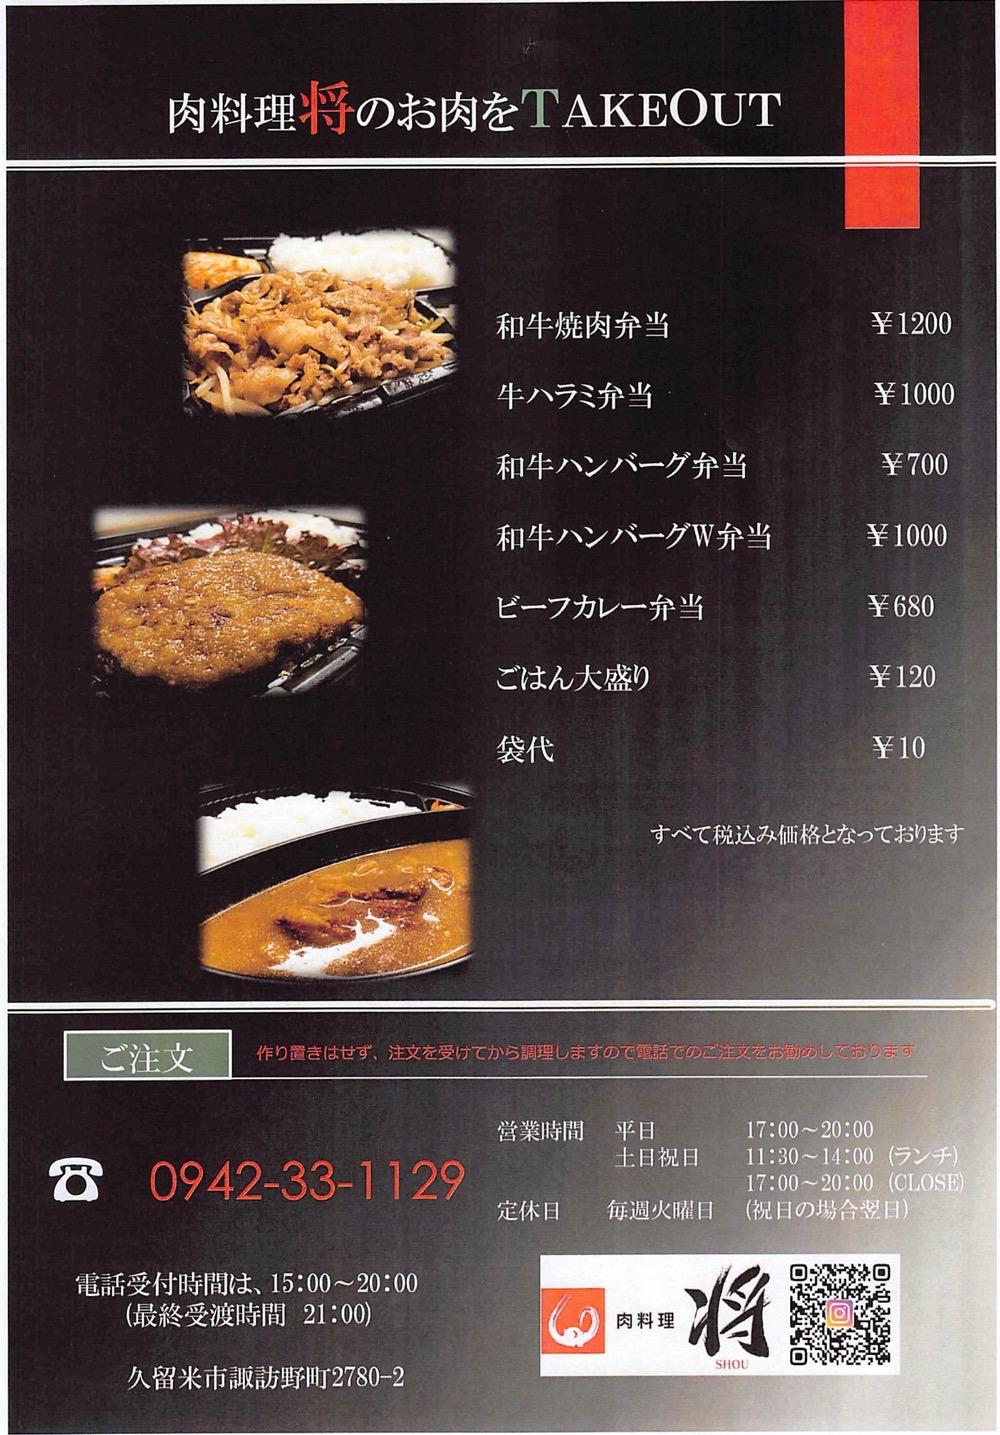 肉料理 将 久留米市 テイクアウトメニュー表